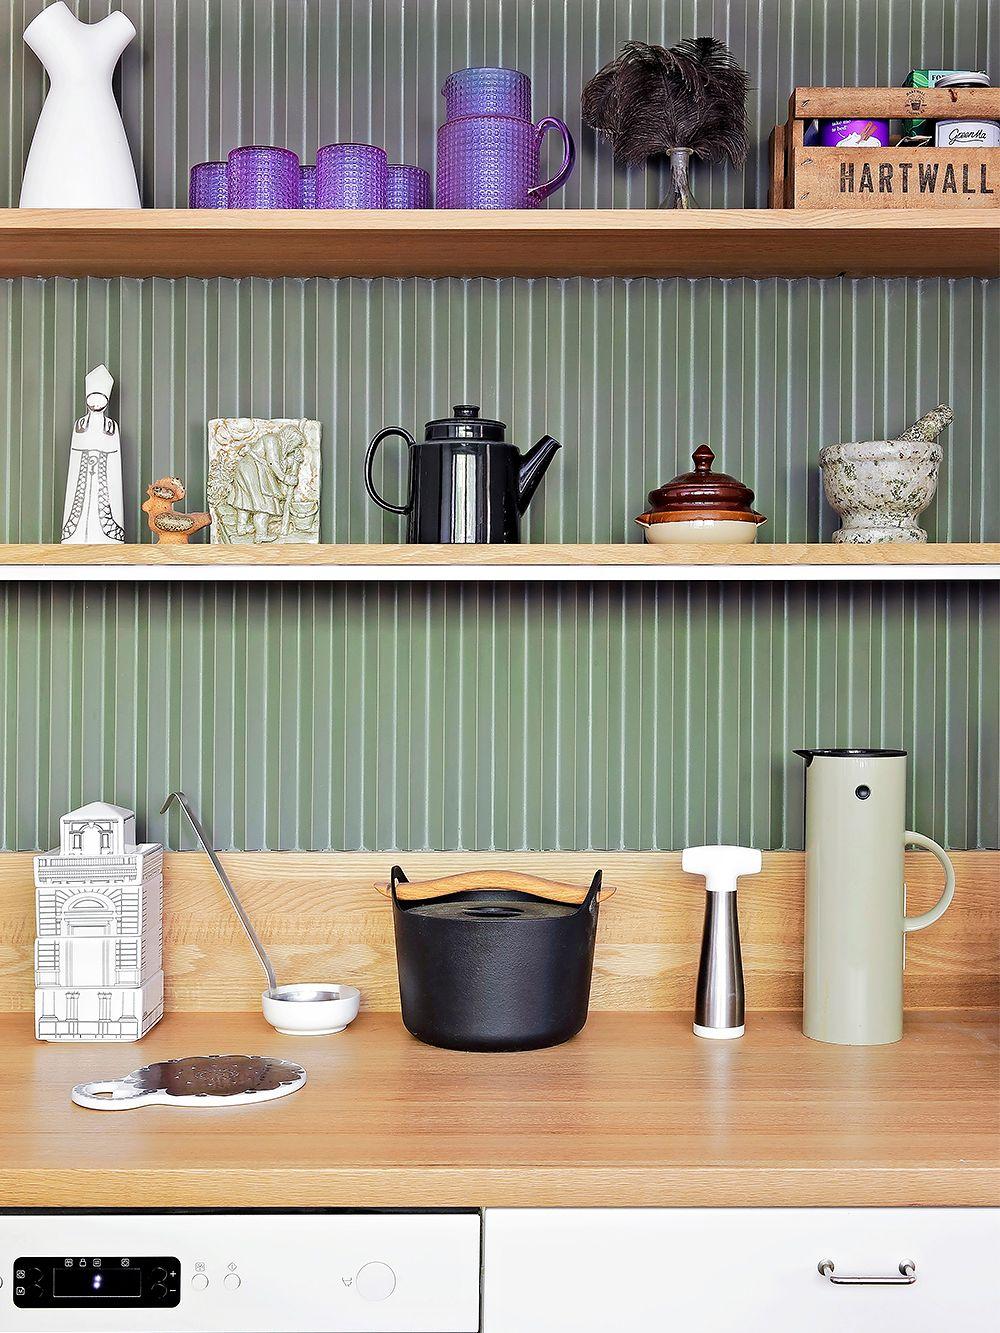 Iittala's Sarpaneva cast iron pot